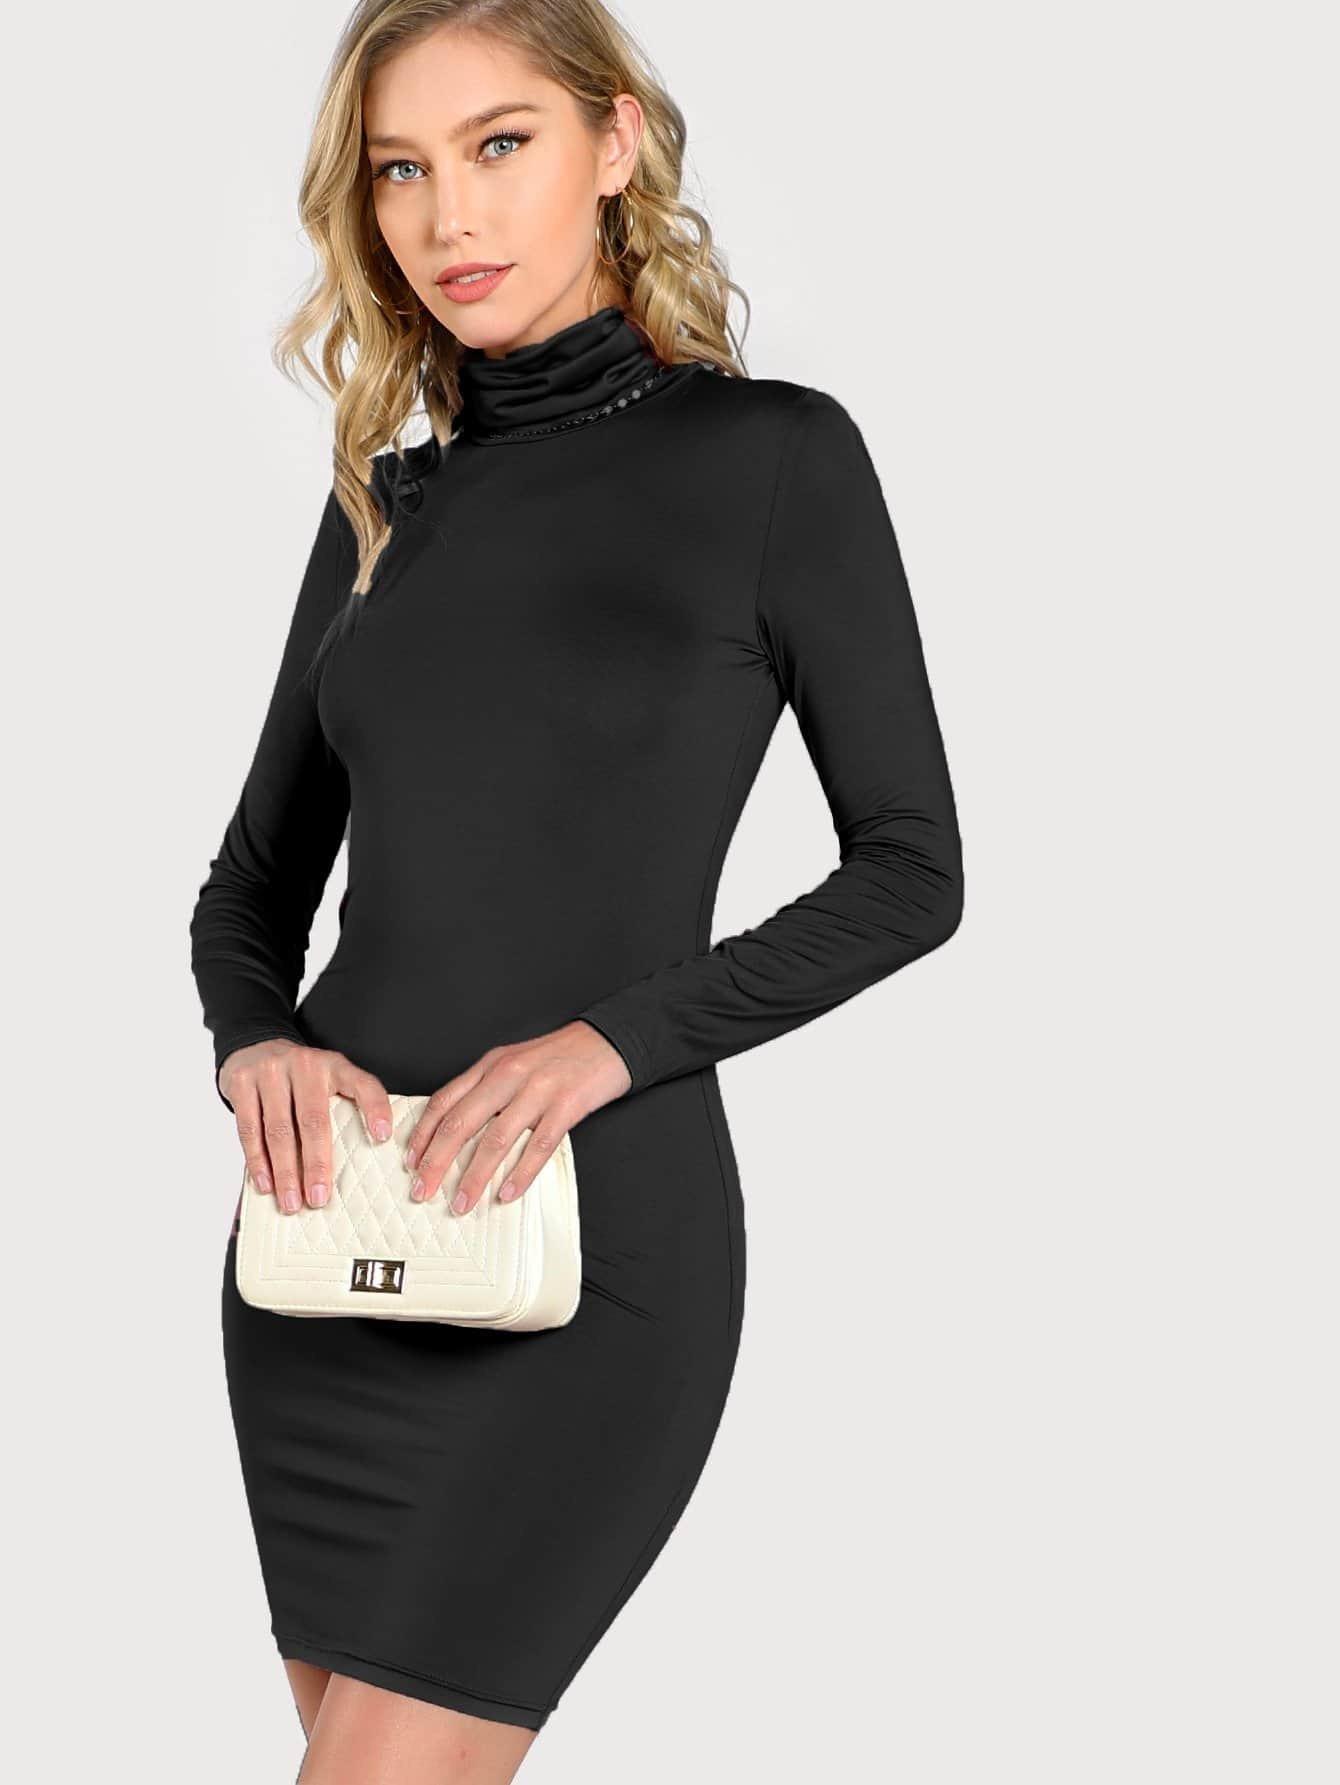 Купить Облегающое платье с высоким воротником, Meagan Lee, SheIn